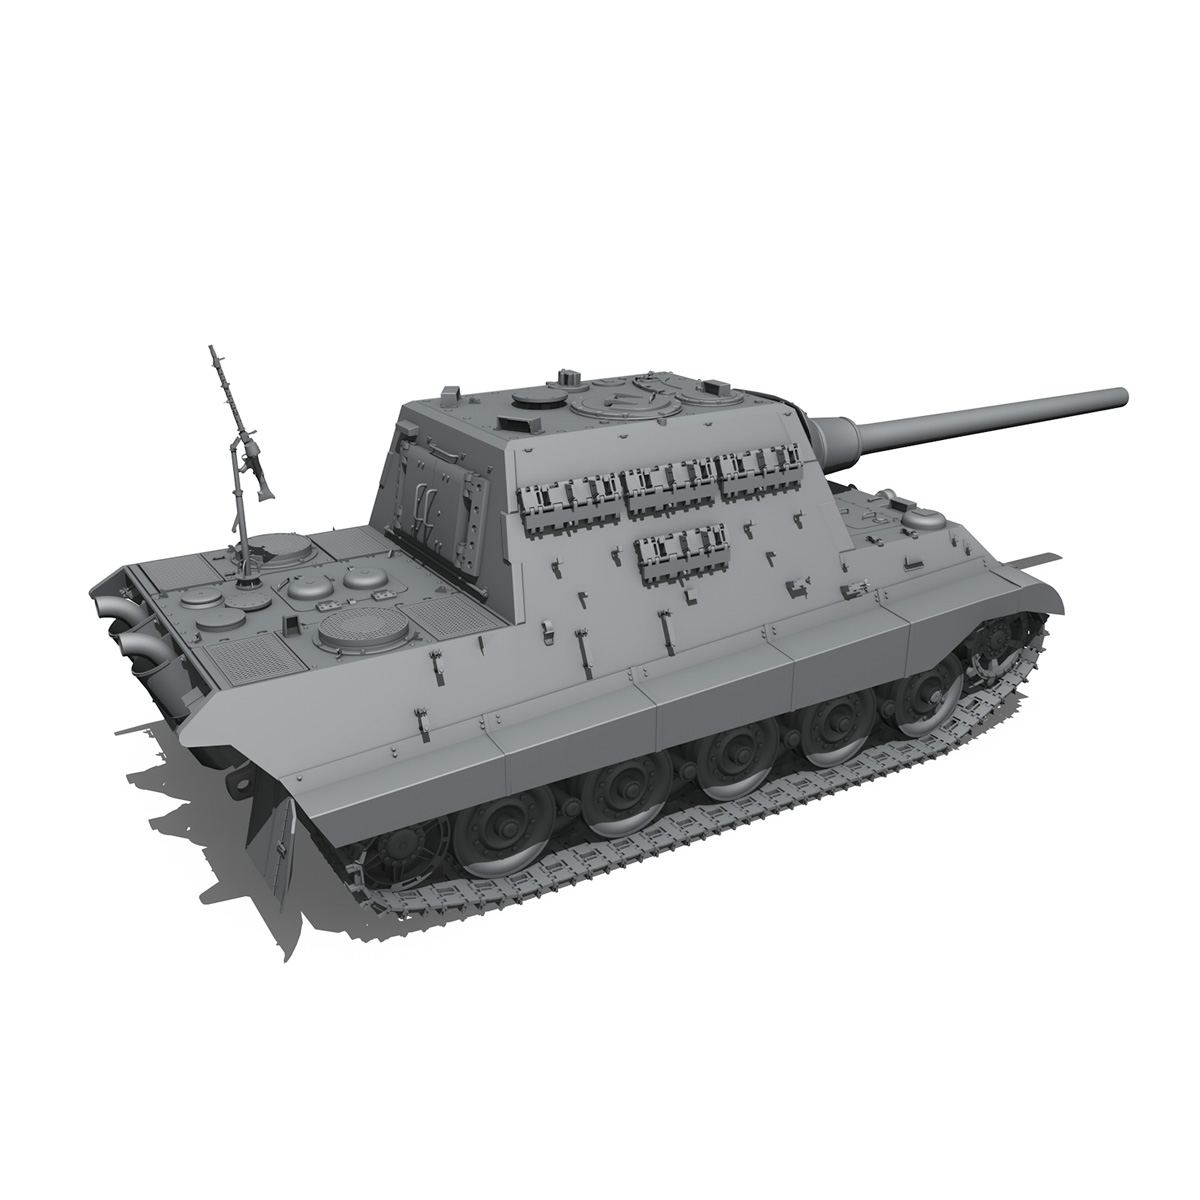 sd.kfz 186 jagdtiger hunting tiger 3d model 3ds fbx c4d lwo obj 189964